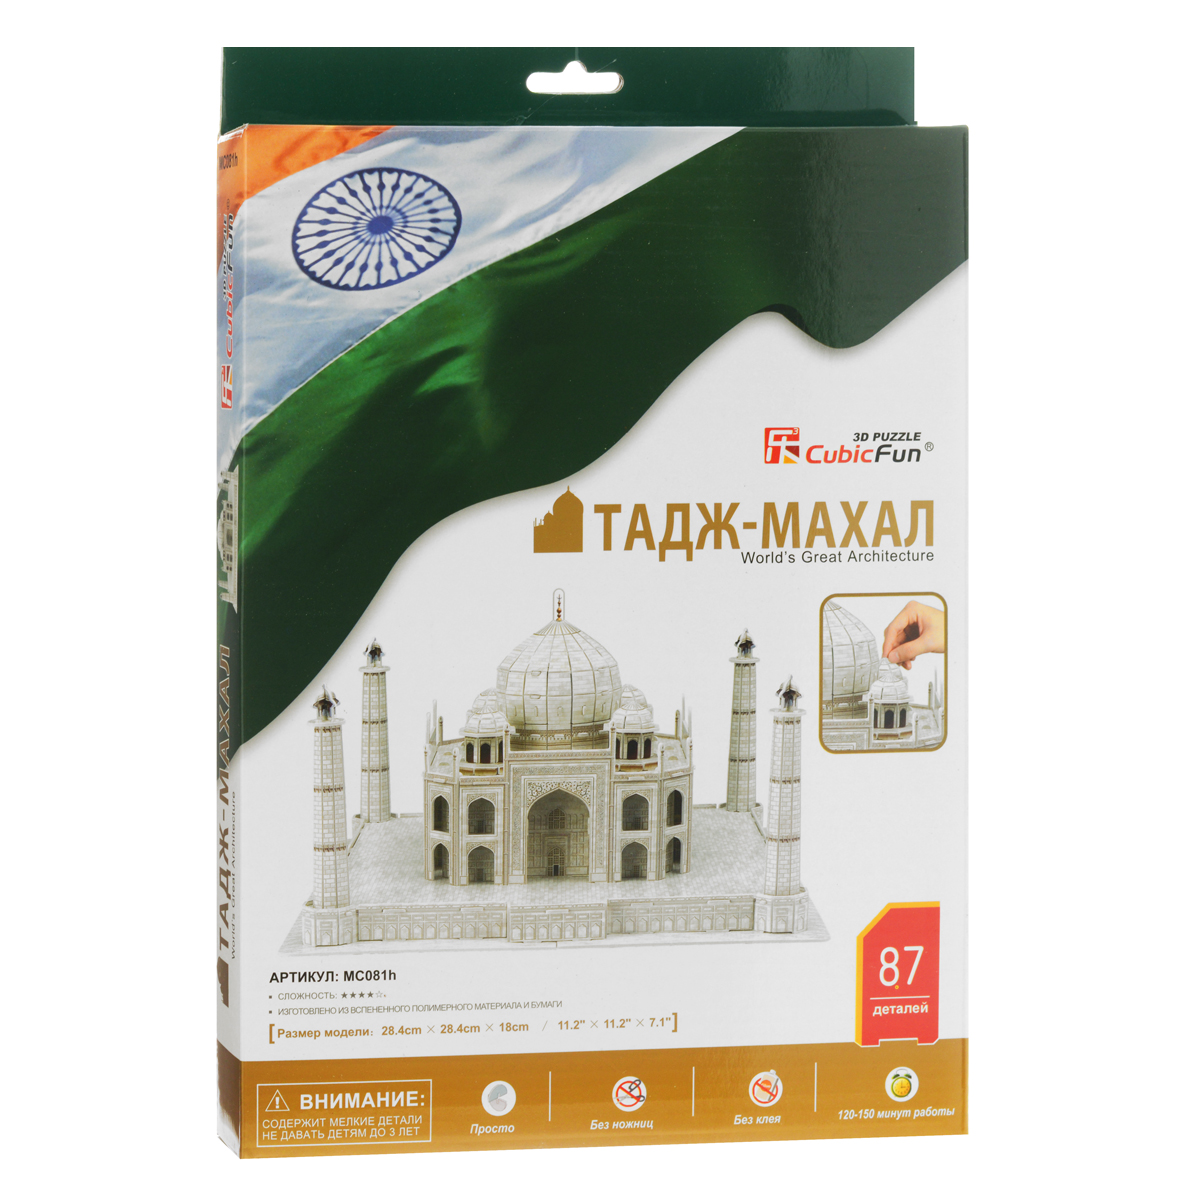 """""""Тадж-Махал"""" - уникальный конструктор-макет, с которым можно играть как дома, так и на улице. Составные элементы конструктора красочны и достаточно большие для того, чтобы даже маленькому ребенку было удобно и комфортно в него играть. Достаточно просто соединить элементы конструктора, и Вы получите объемную модель здания Тадж-Махал. Тадж-Махал - мавзолей-мечеть, находящийся в Агре, Индия, на берегу р. Ямуна. Построен по приказу императора Великих Моголов Шах-Джахана в память о жене Мумтаз-Махал, умершей при родах (позже здесь был похоронен и сам Шах-Джахан). Тадж-Махал считается лучшим примером архитектуры стиля Мугал, который сочетает в себе элементы персидского, индийского и исламского архитектурных стилей. В 1983 году Тадж-Махал стал объектом Всемирного наследия ЮНЕСКО, был назван """"жемчужиной мусульманского искусства в Индии, одним из общепризнанных шедевров наследия, которым восхищаются во всем мире"""". Несмотря на то, что белый мраморный купол мавзолея является..."""